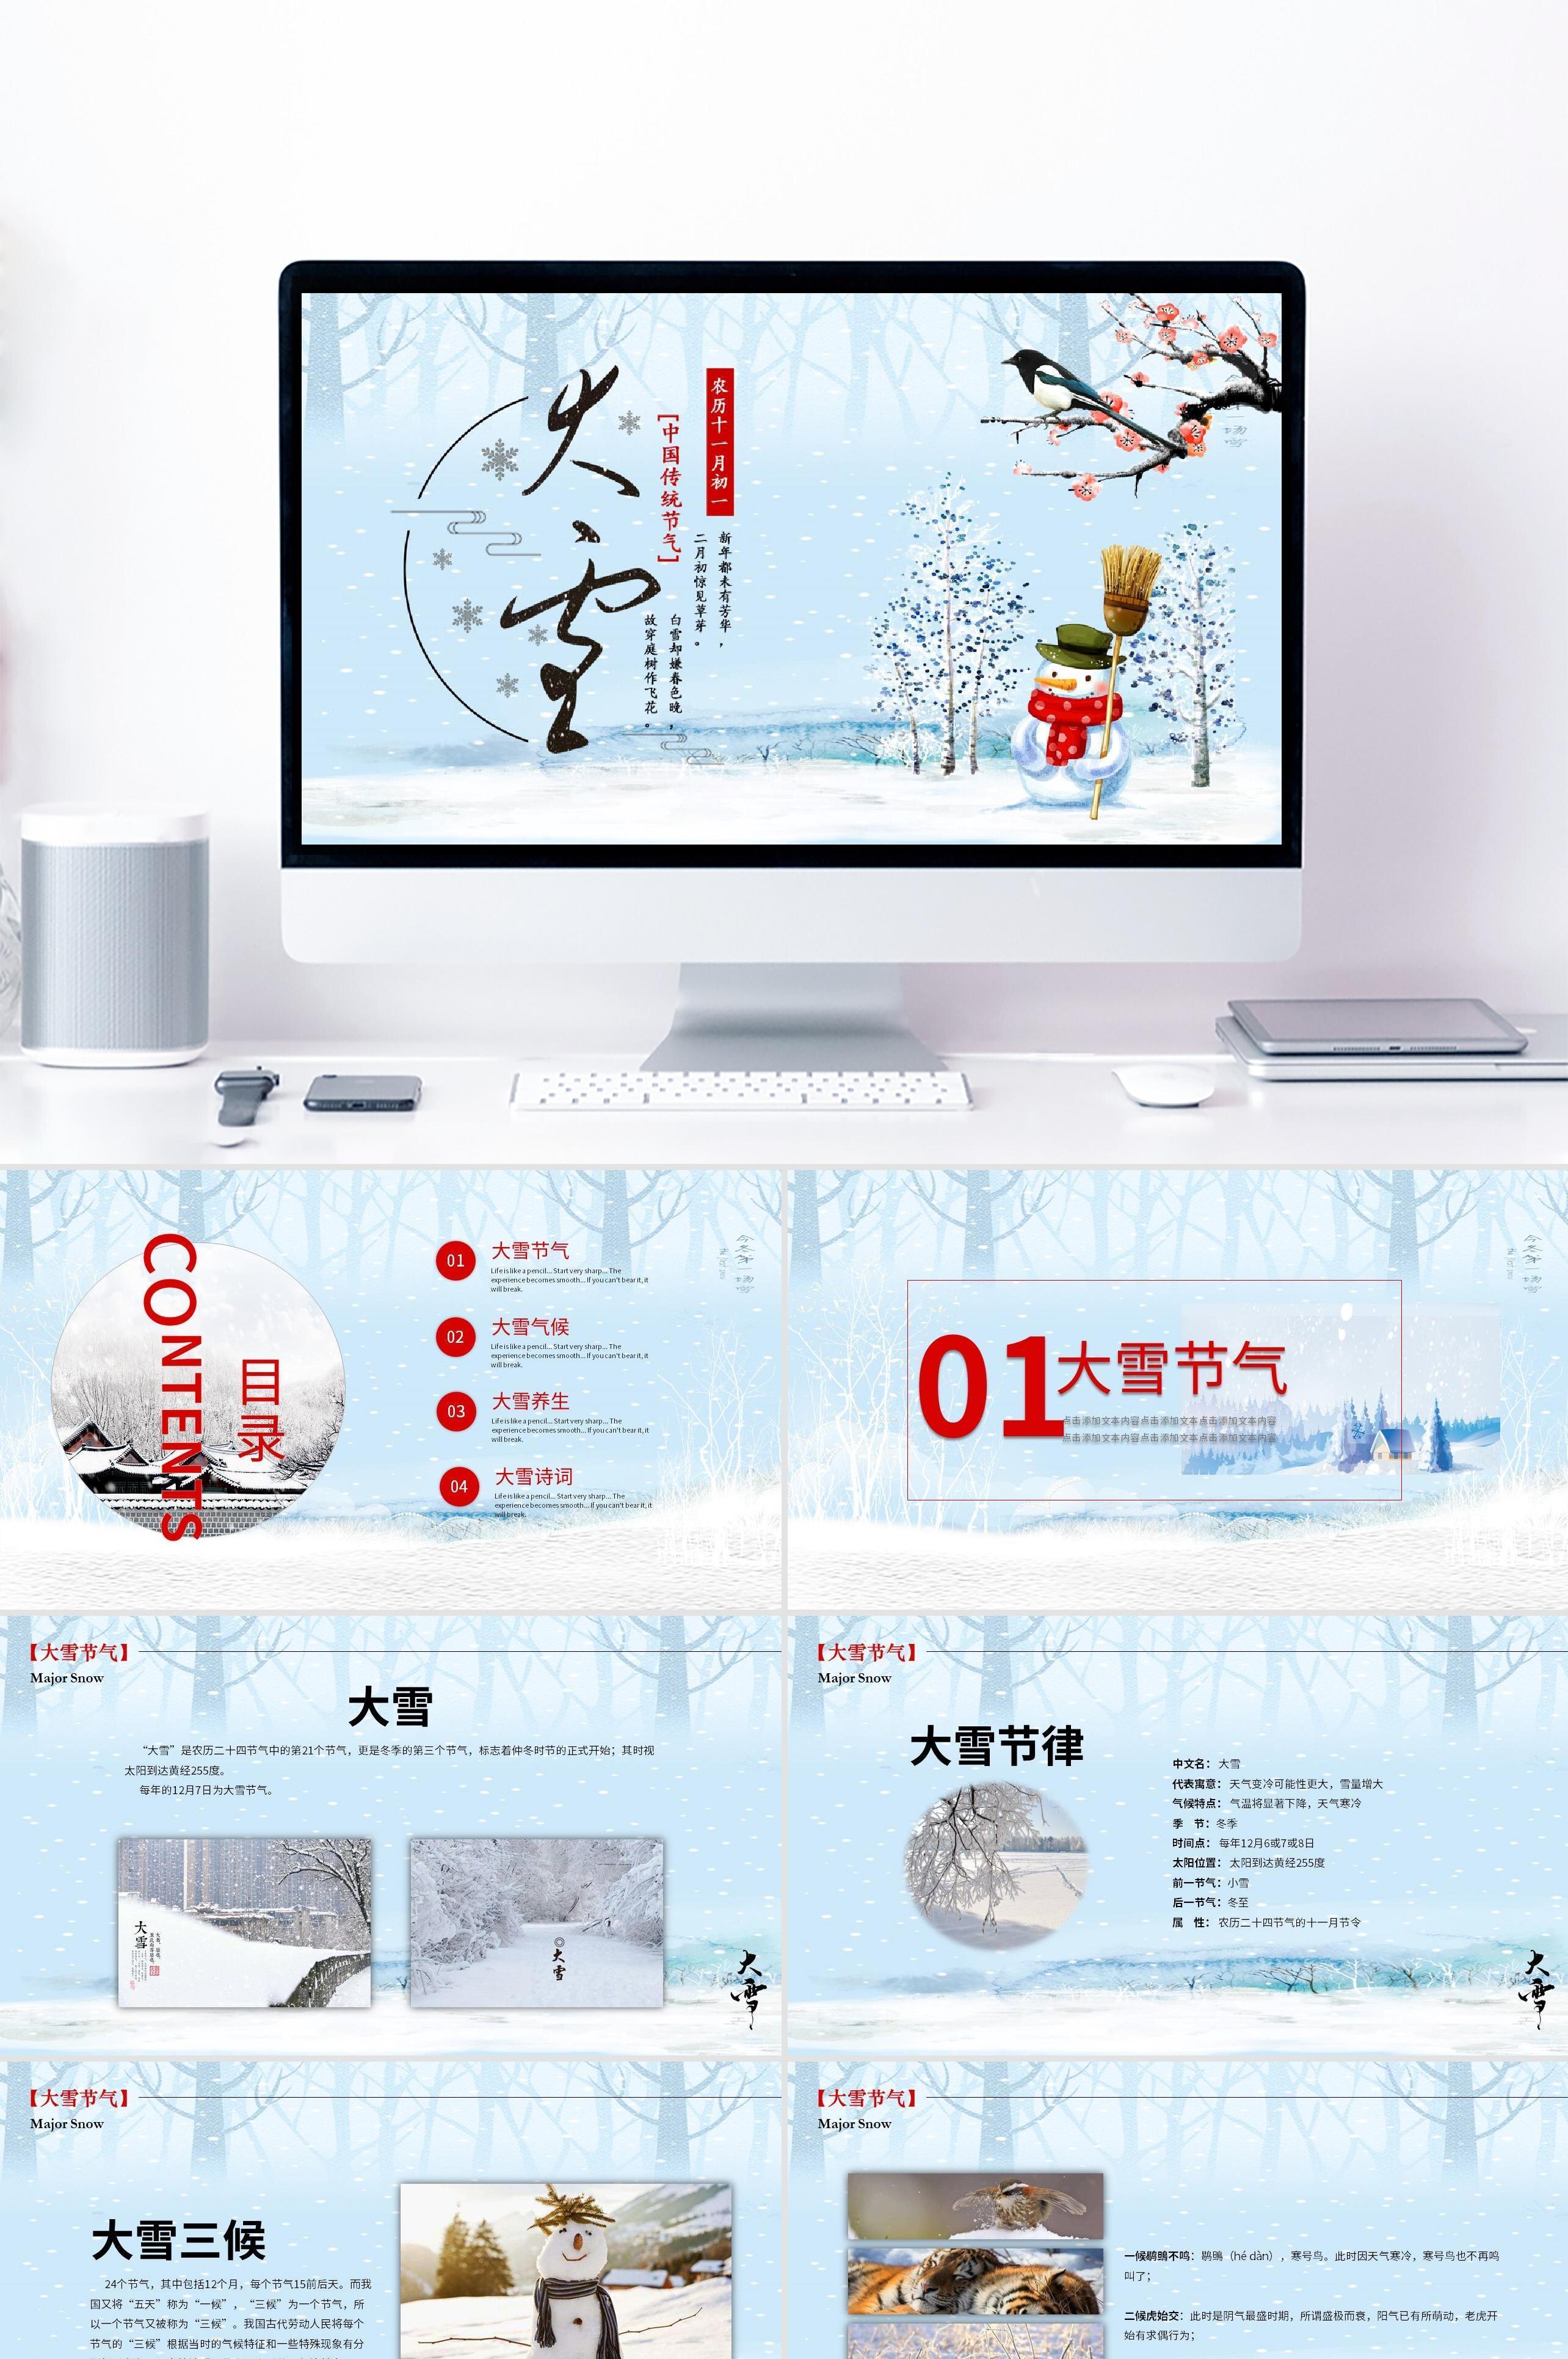 清新简约24节气大雪介绍PPT模板